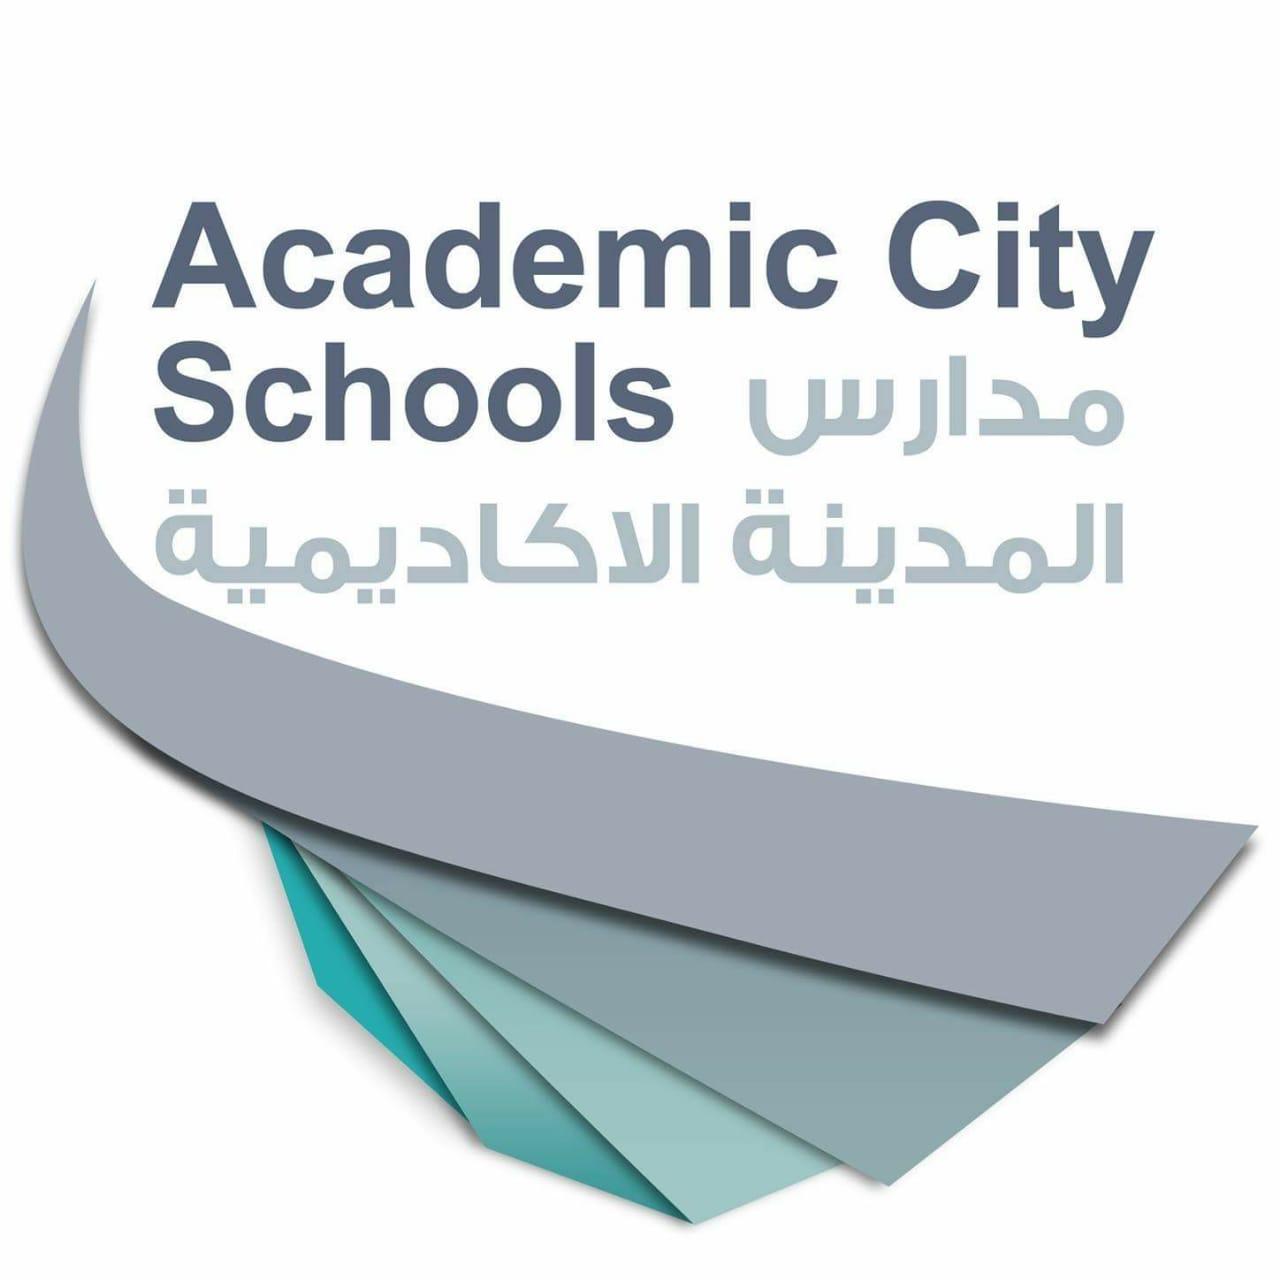 مدرسة المدينة الأكاديمية الاهلية